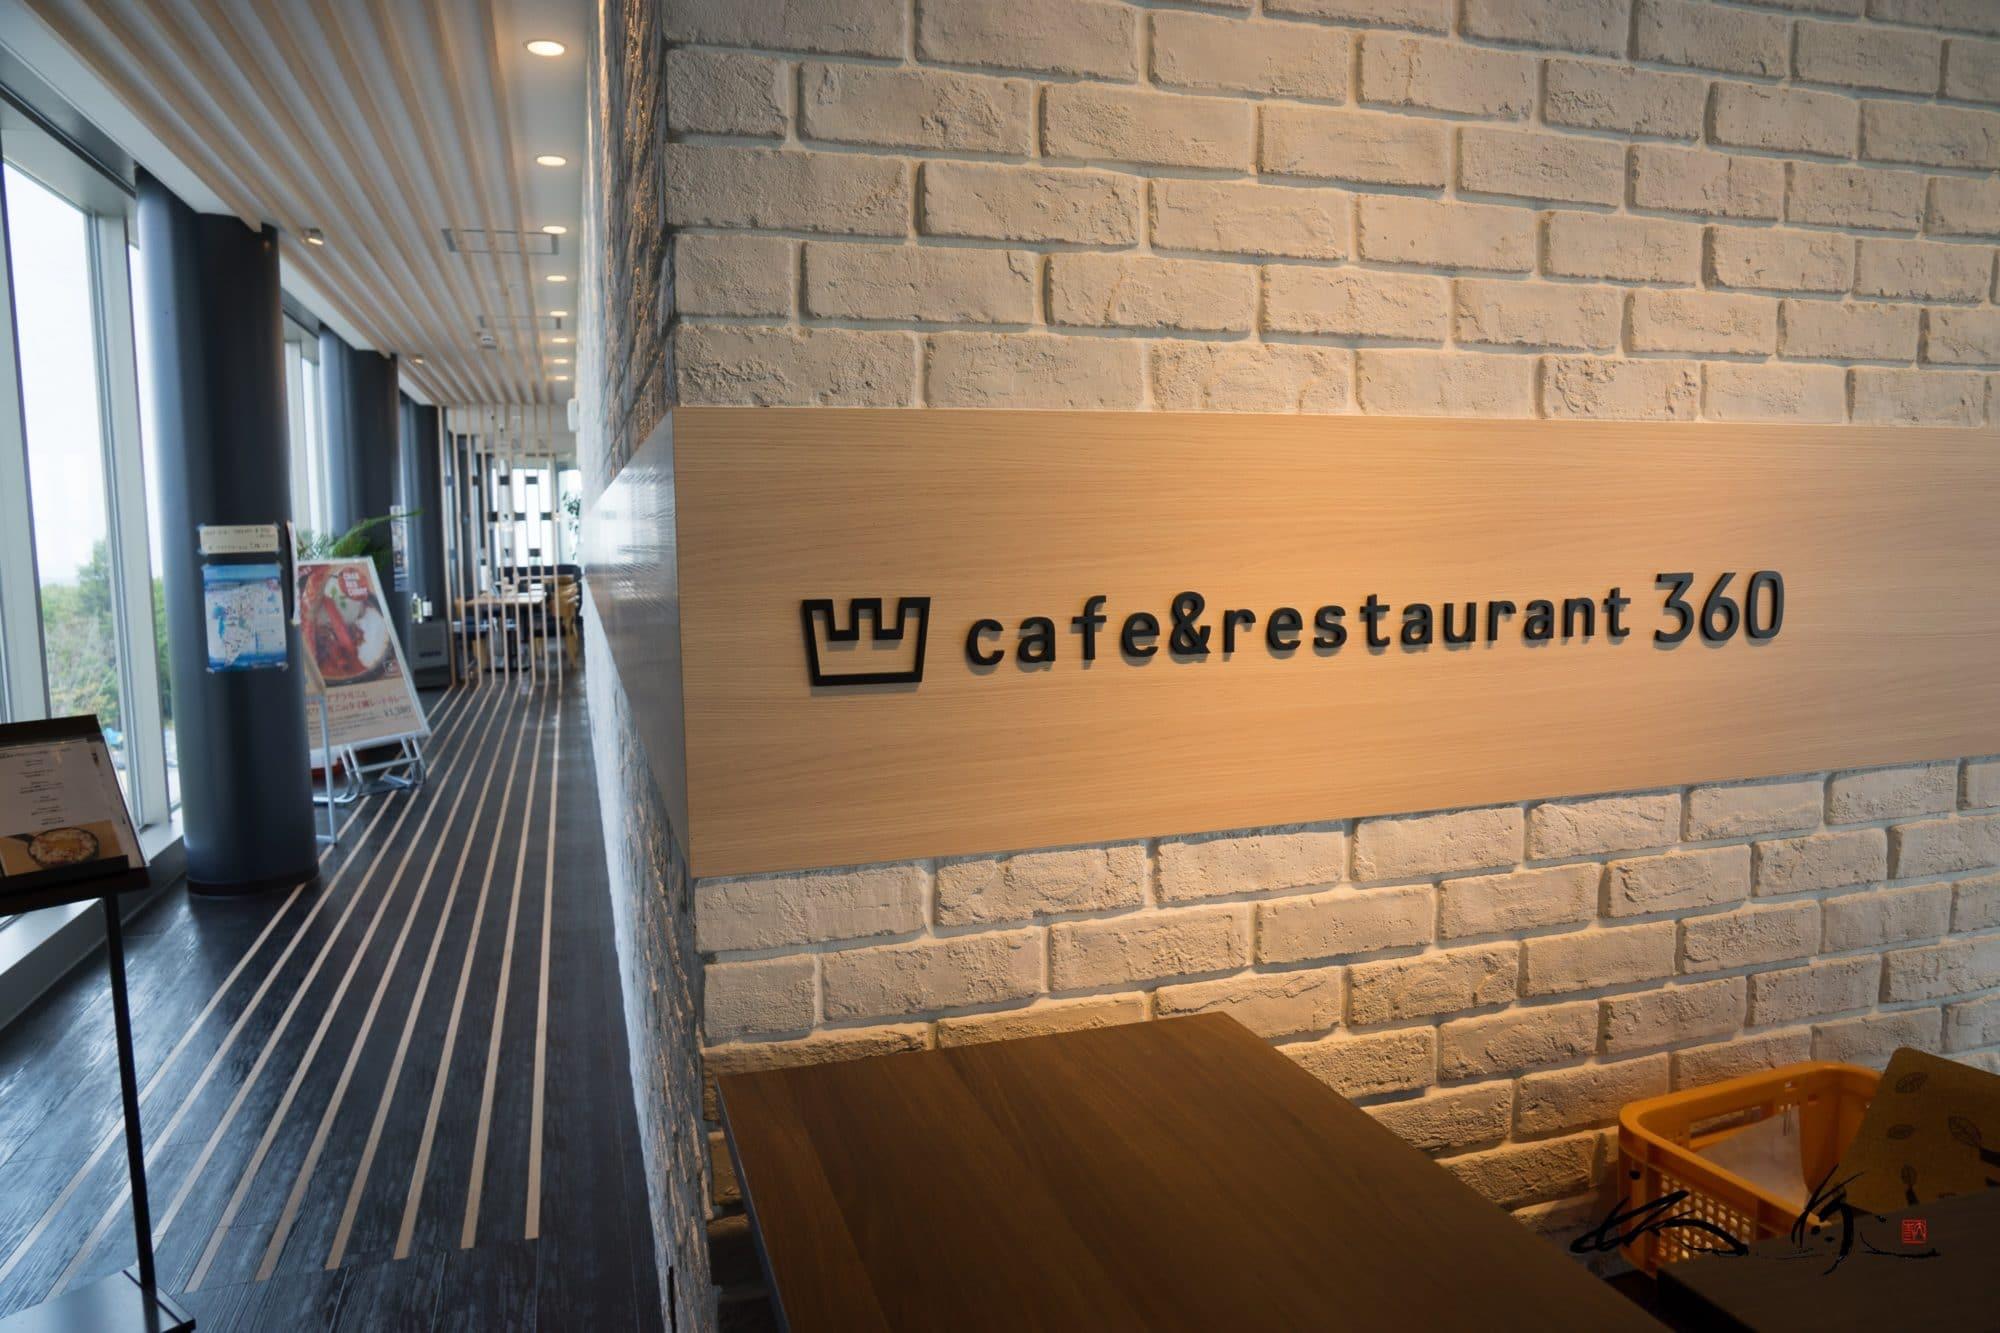 カフェ & レストラン360(網走市)ランチコース「天・都・山」を味わう